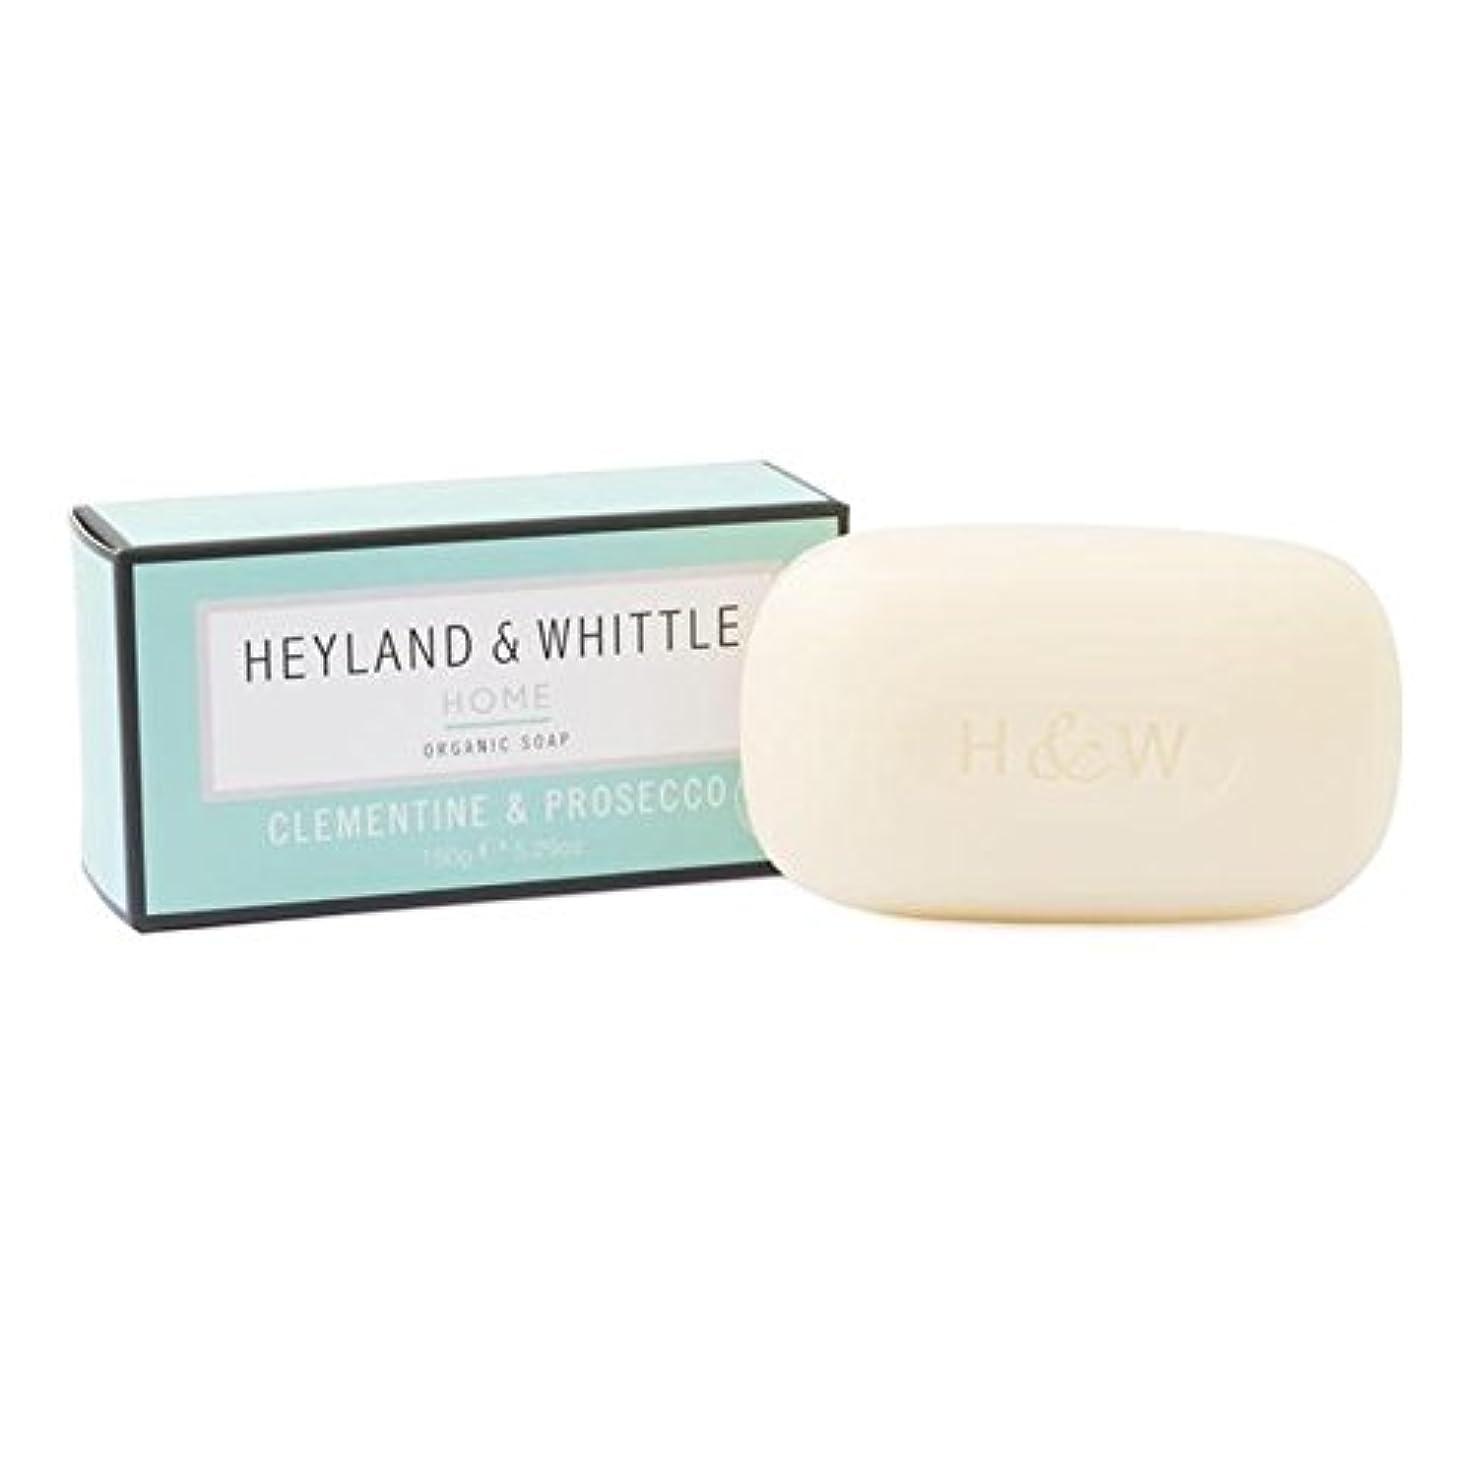 護衛ワットダイバーHeyland & Whittle Home Clementine & Prosecco Organic Soap 150g (Pack of 6) - &削るホームクレメンタイン&プロセッコ有機石鹸150グラム x6...